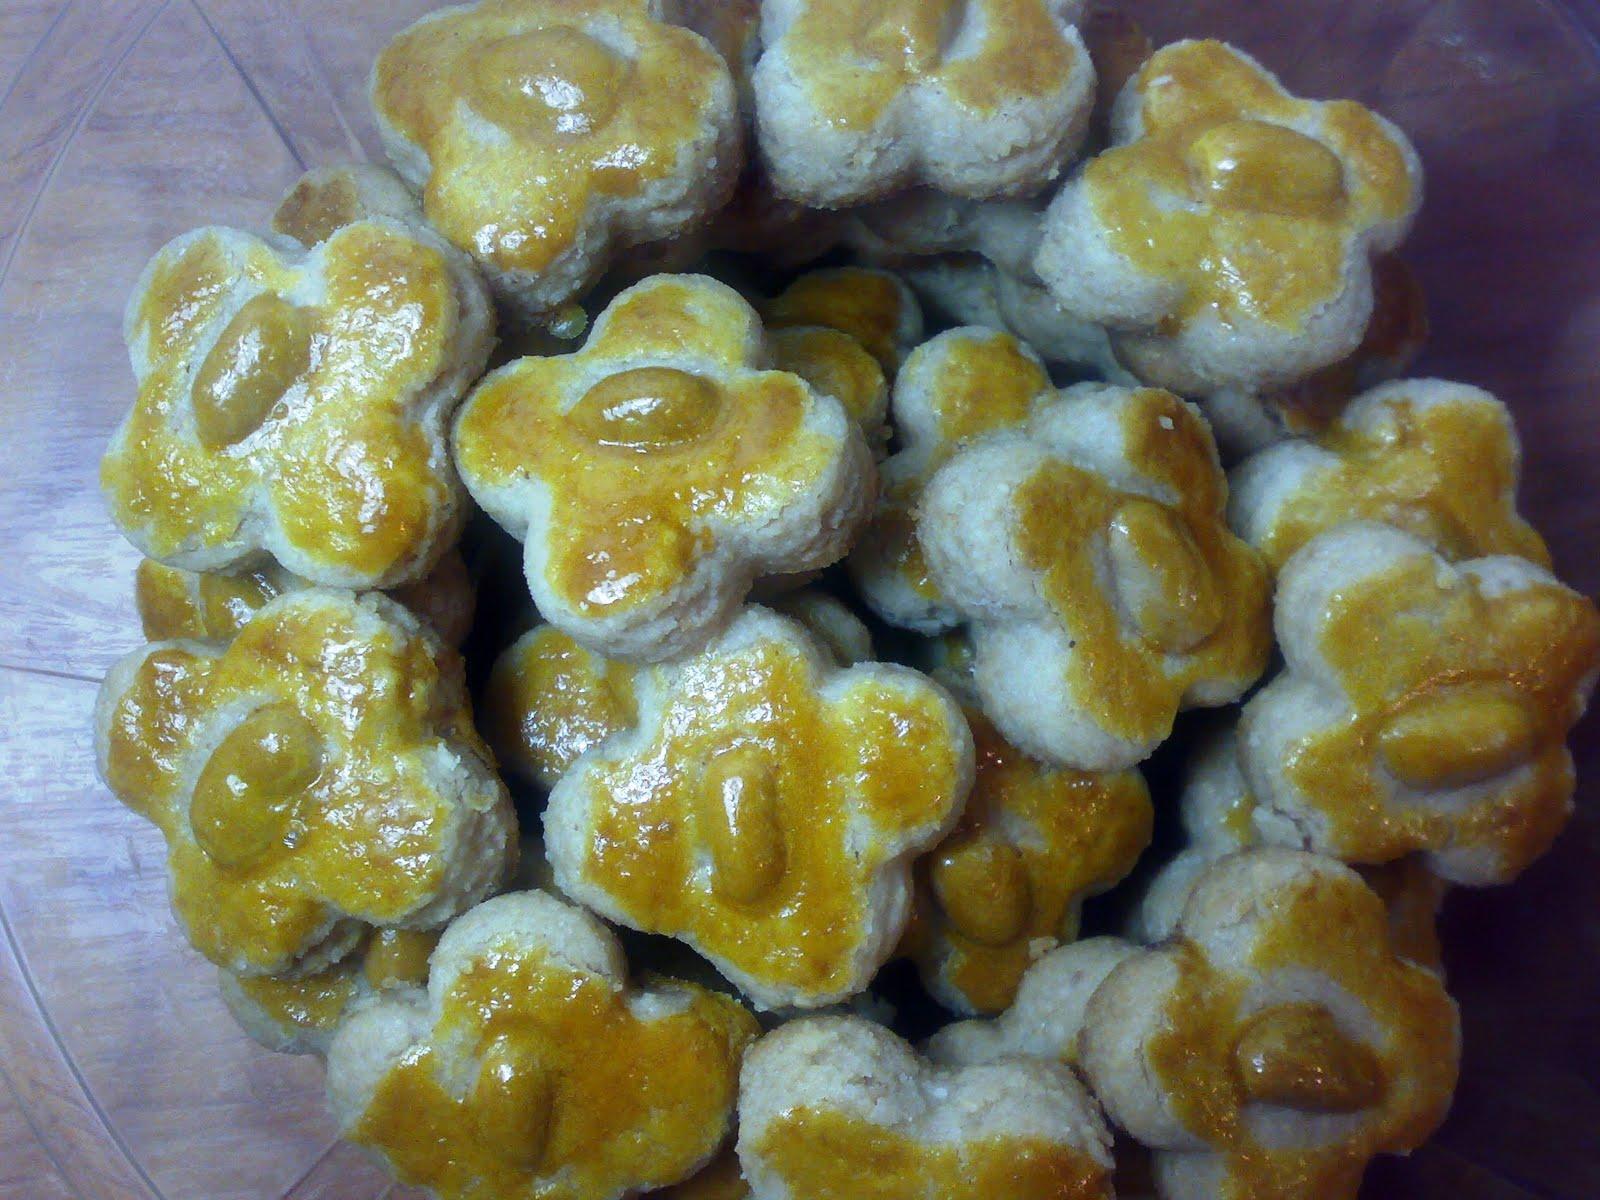 sweet vatnillat resipi biskut mazolabiskut kacang  mudah Resepi Biskut Mazola Chef Hanieliza Enak dan Mudah